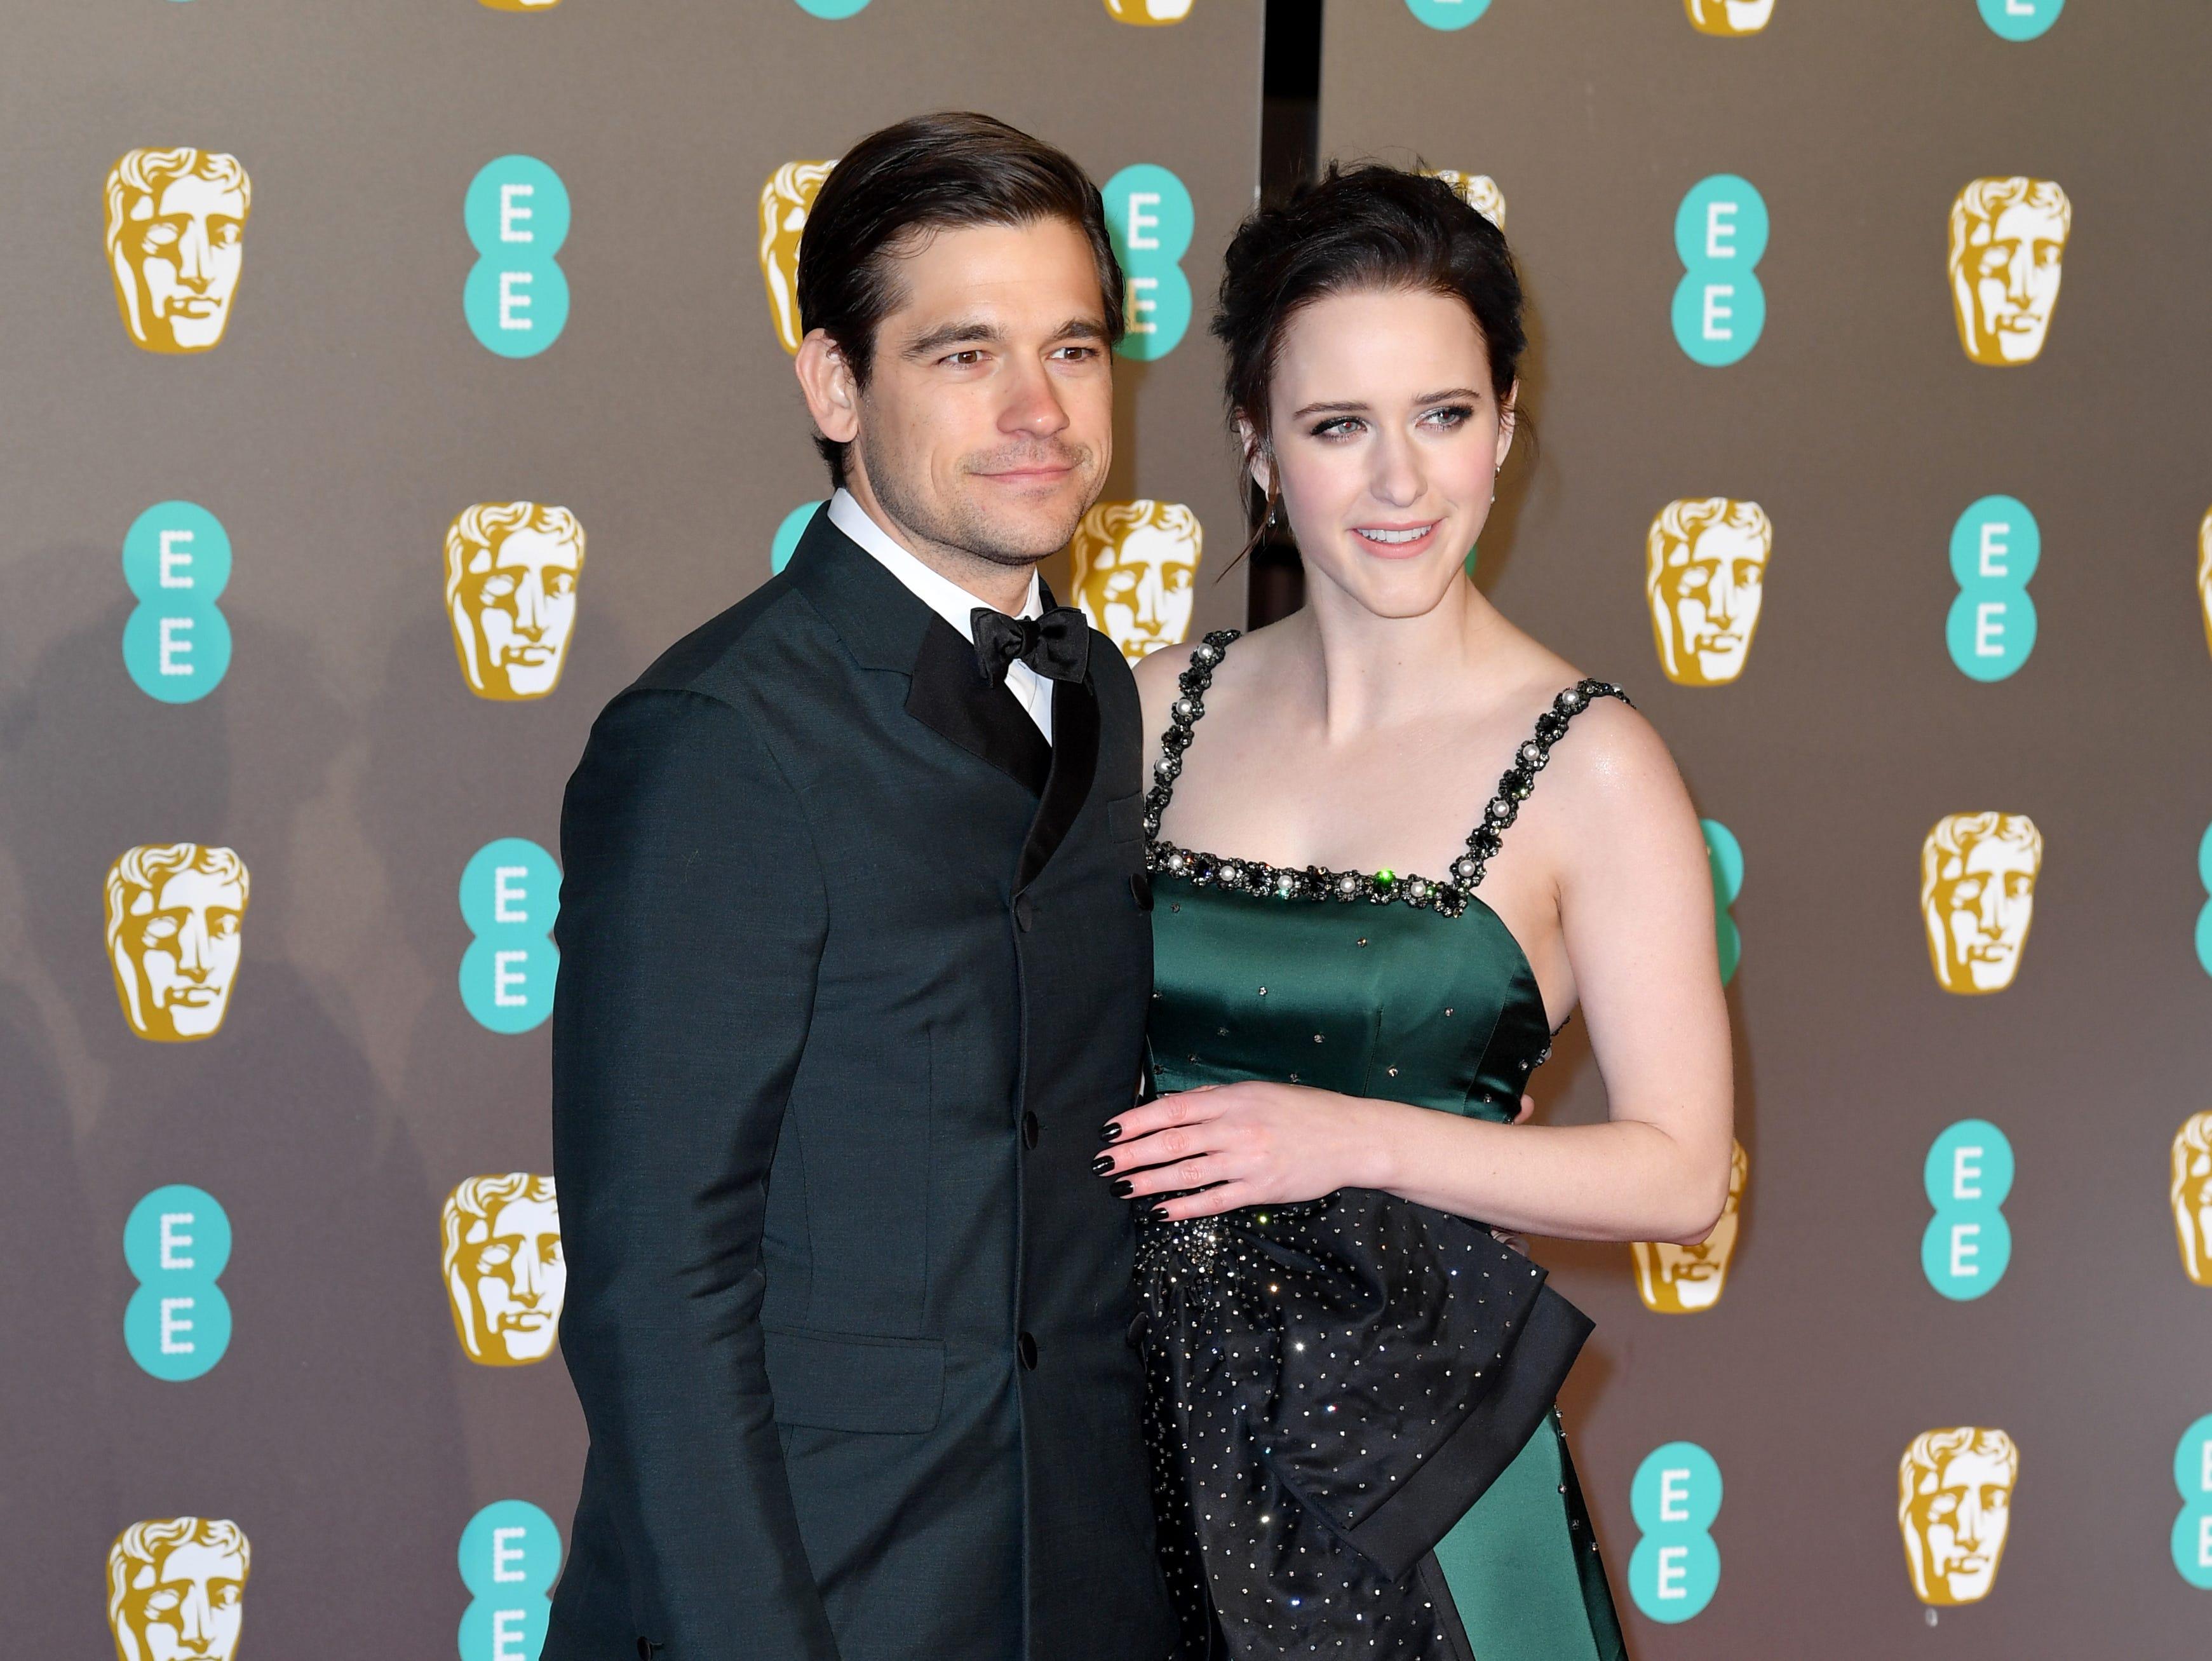 Rachel Brosnahan y Jason Ralph a su llegada a la alfombra roja de los Premios de la Academia Británica de Cine BAFTA en el Royal Albert Hall en Londres el 10 de febrero de 2019.